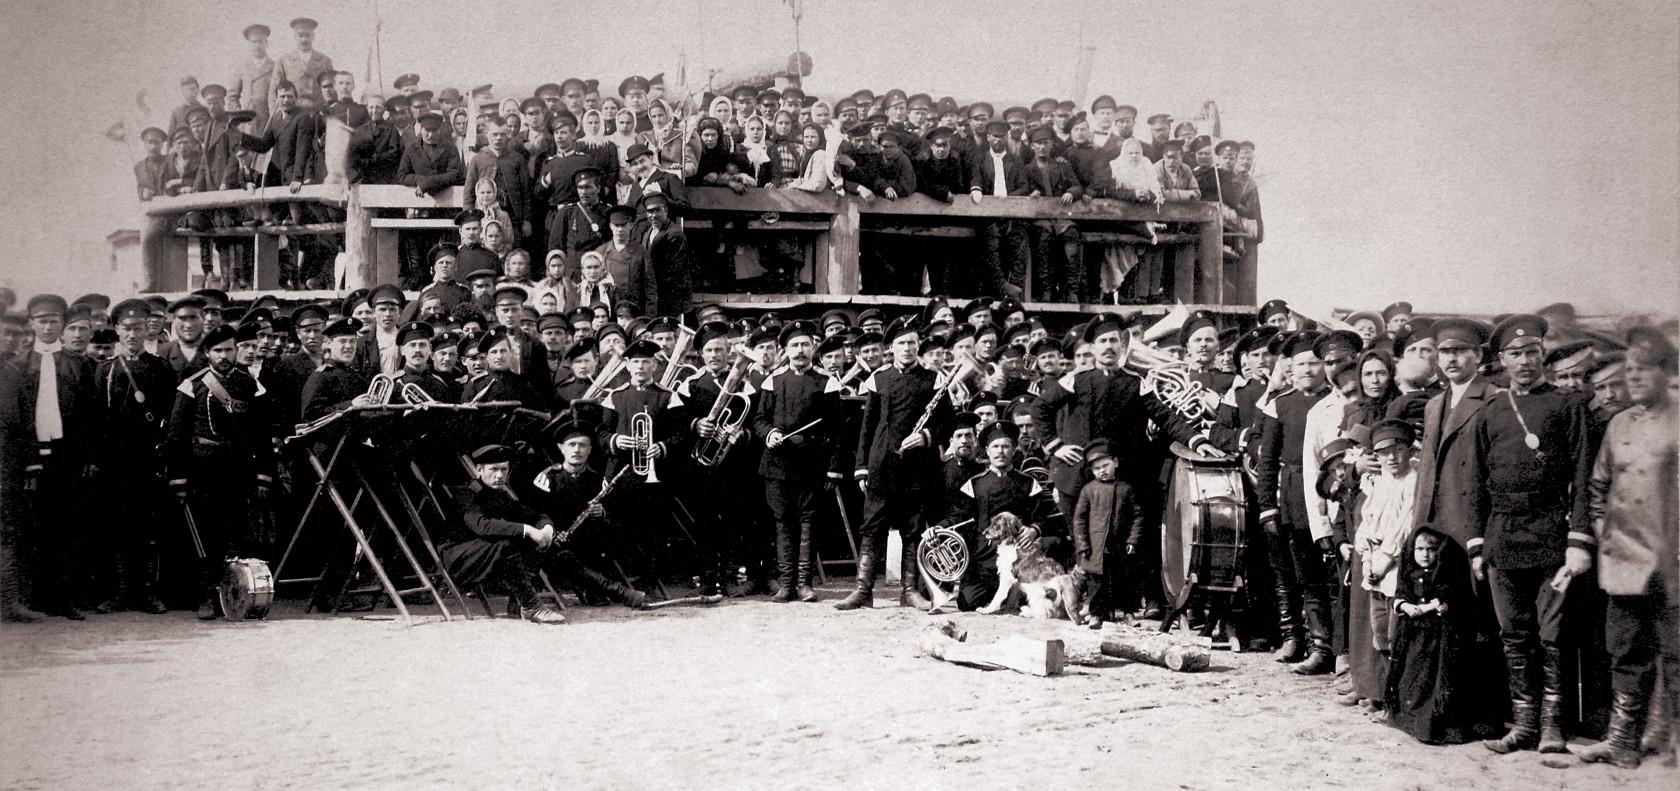 Праздничное увеселение во время коронации Николая II, май 1896